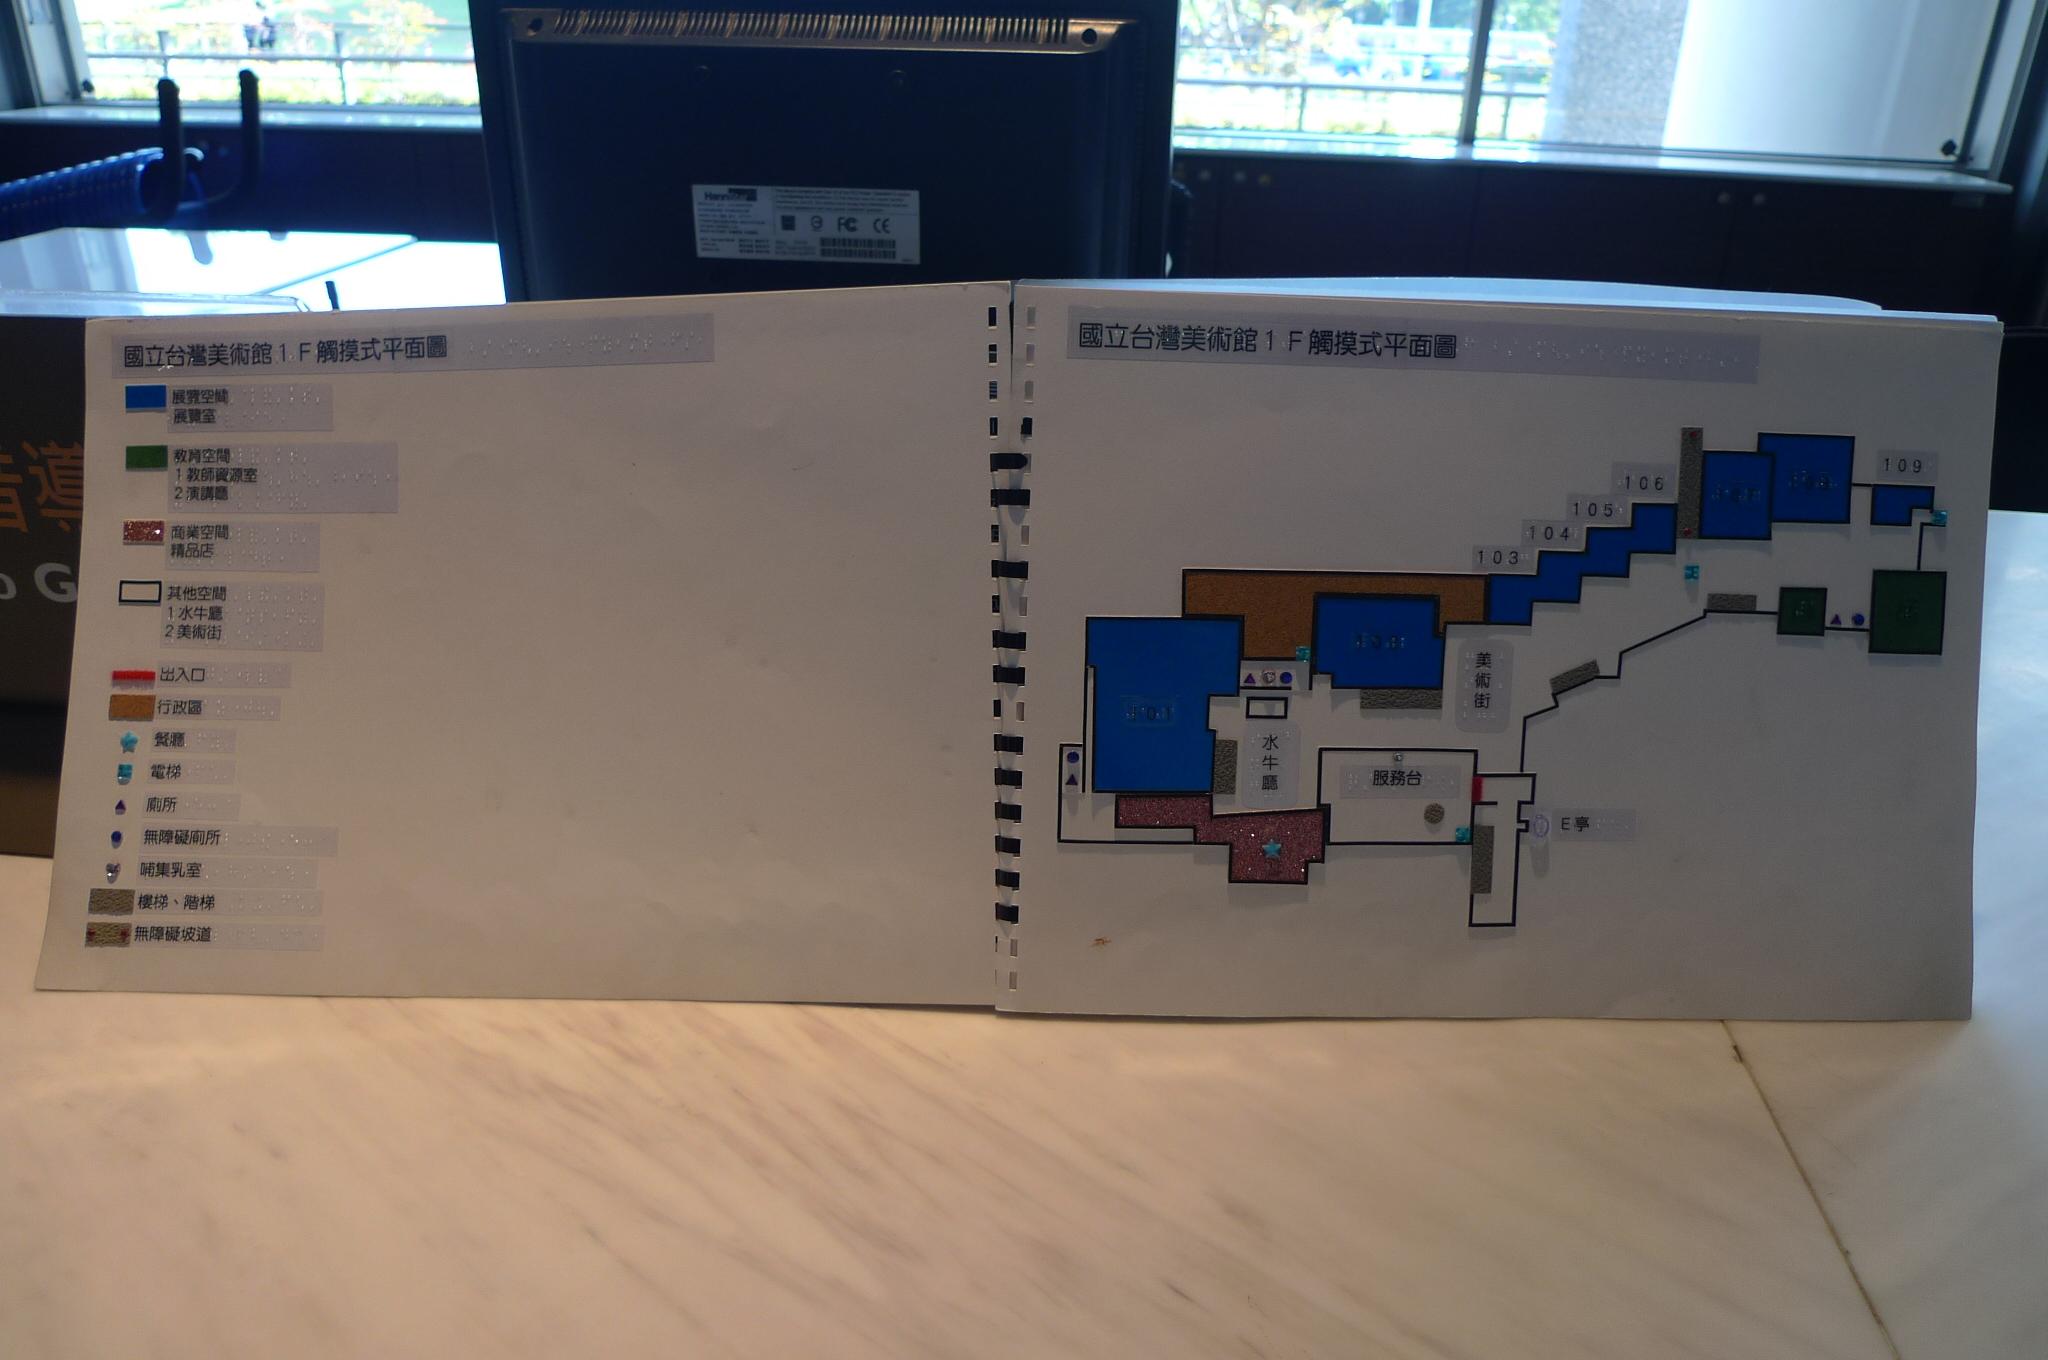 館內觸摸地圖(照片)